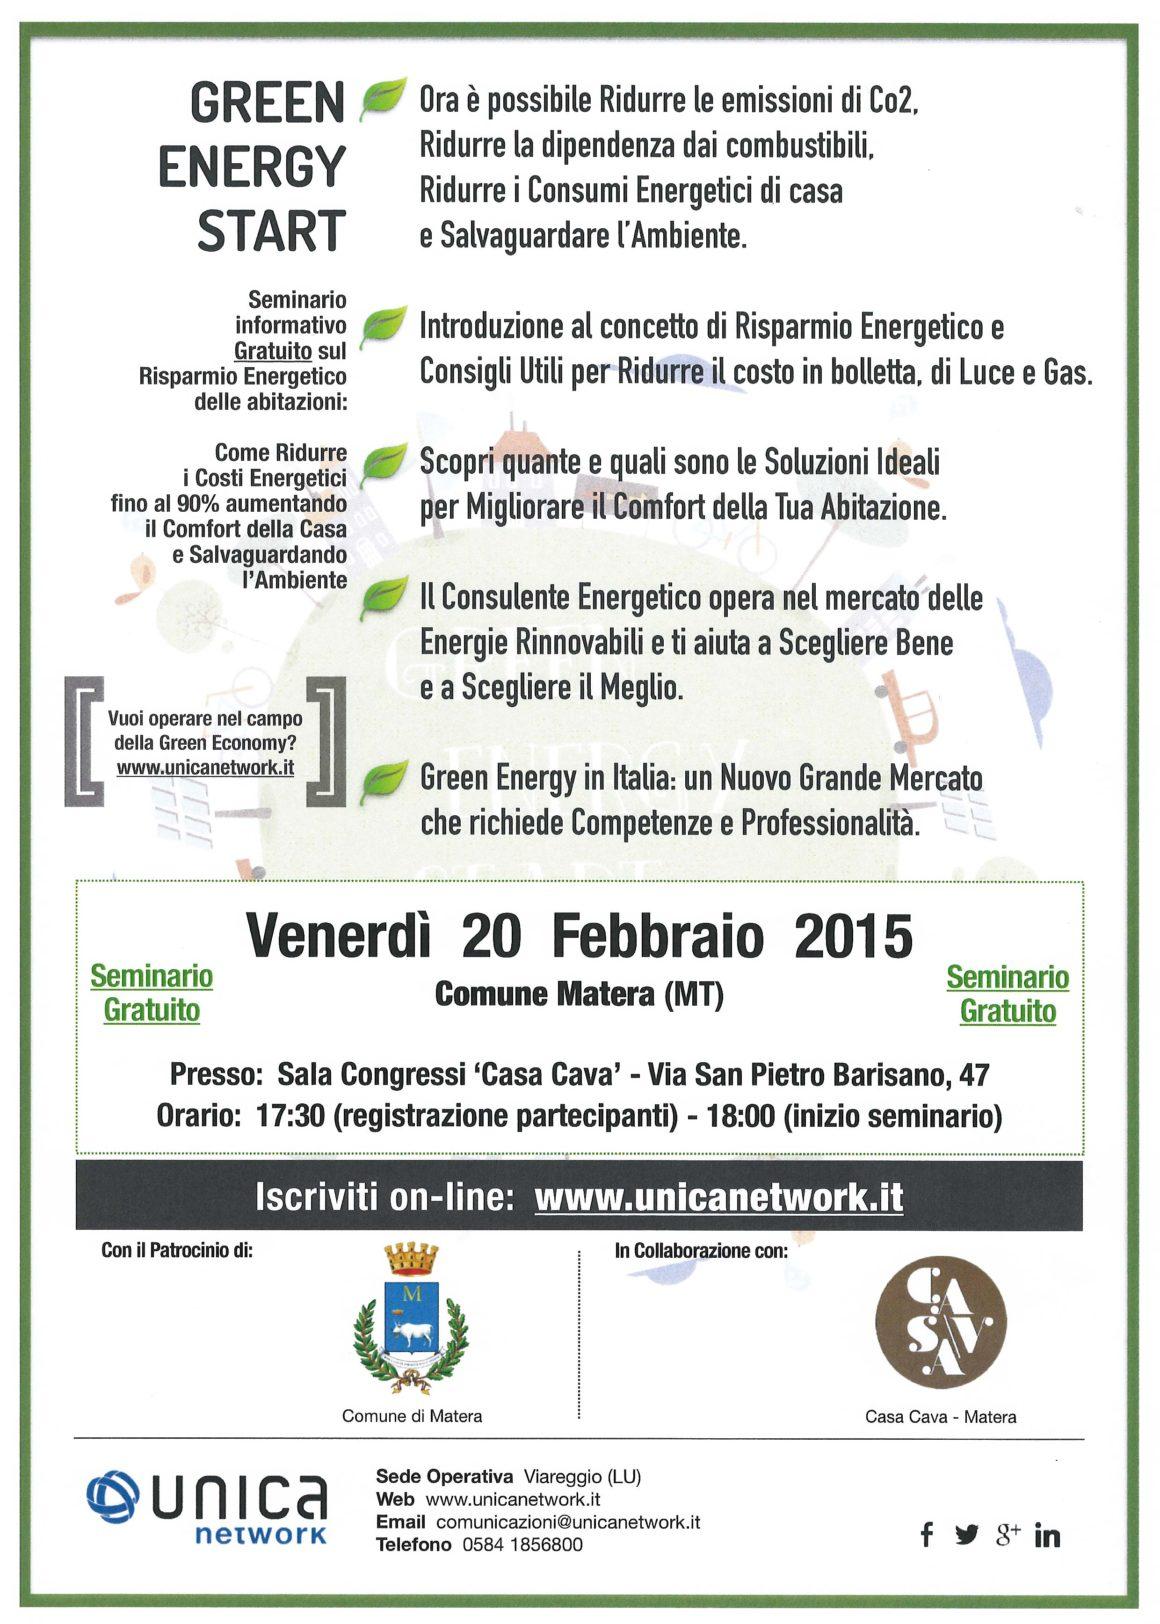 Green Energy Start – seminario gratuito